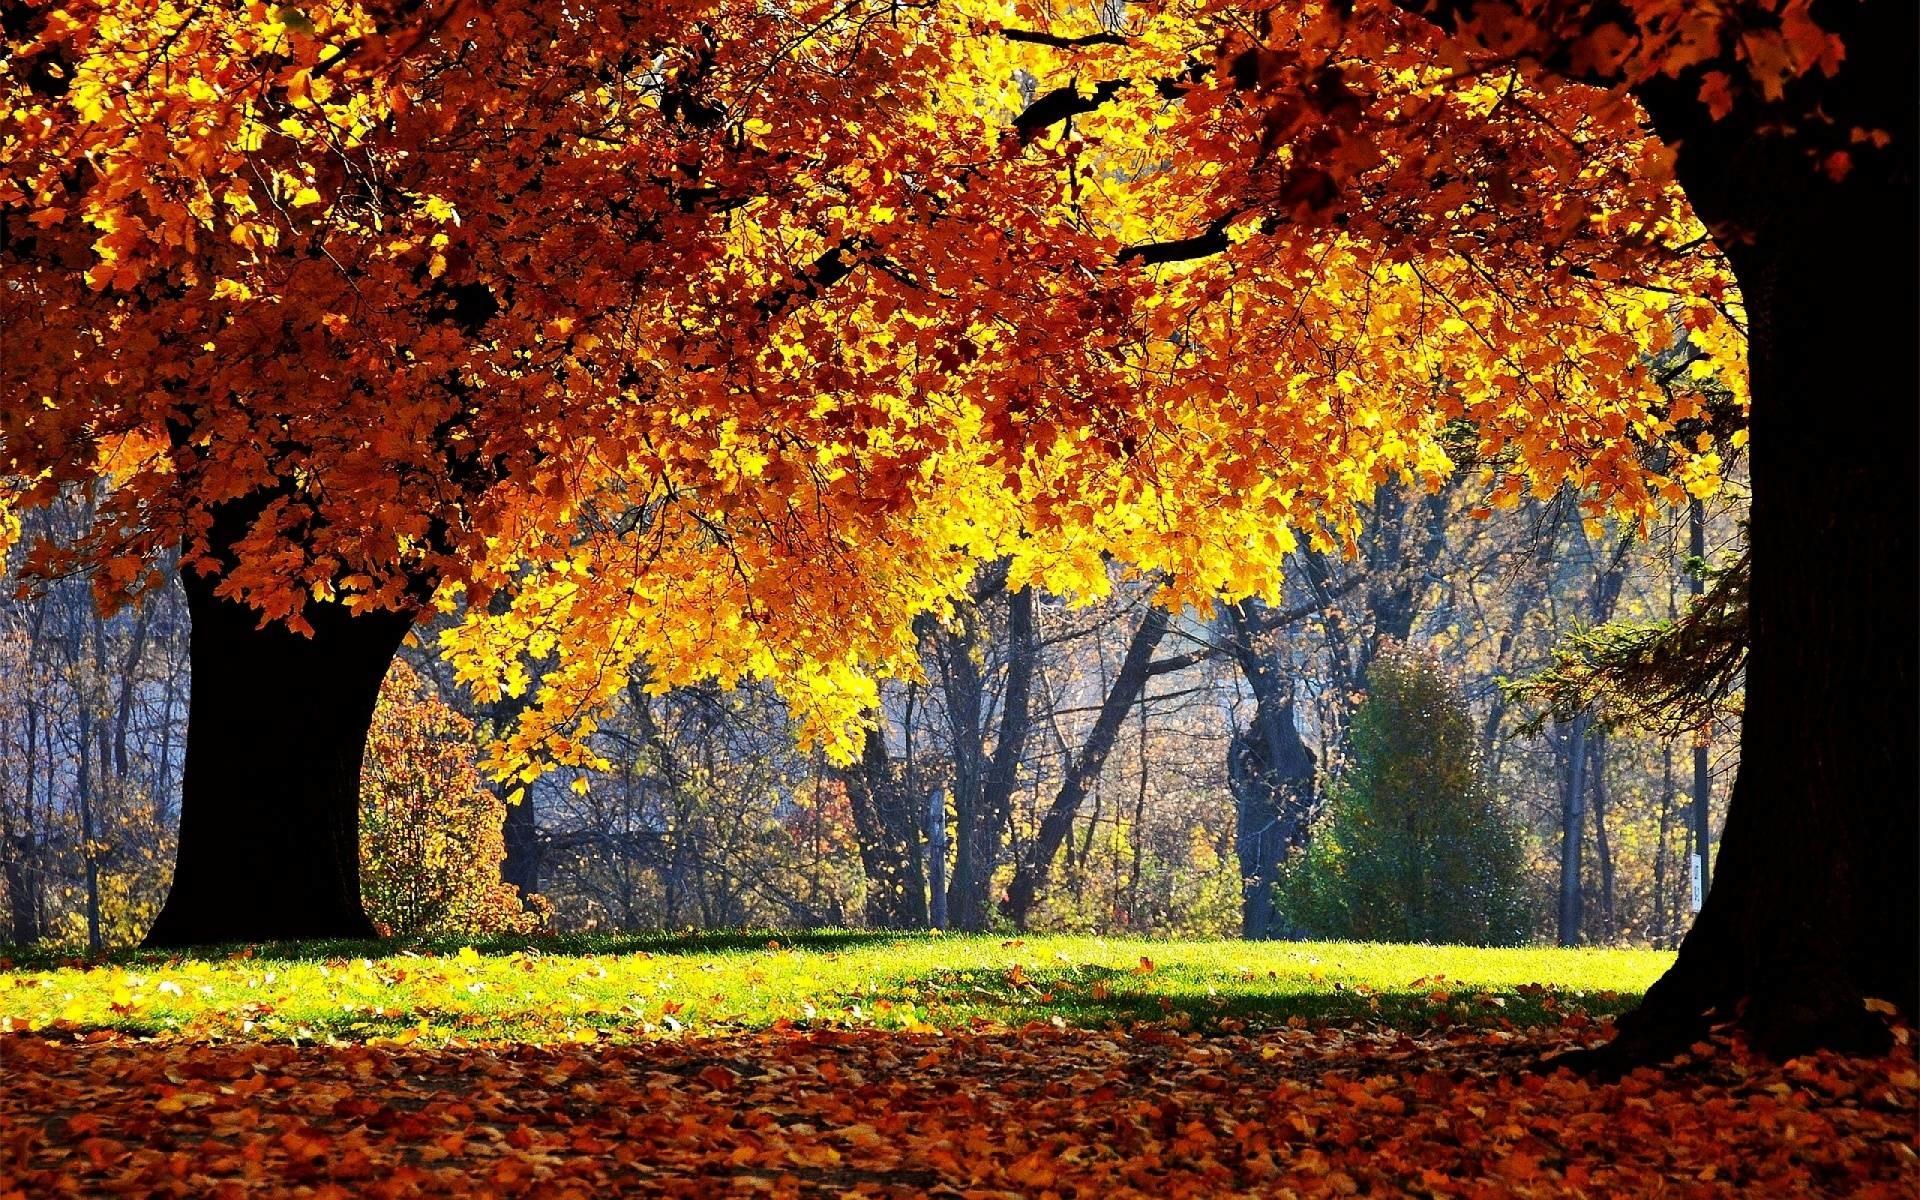 Autumn Forest Wallpaper Widescreen – Tera Wallpaper